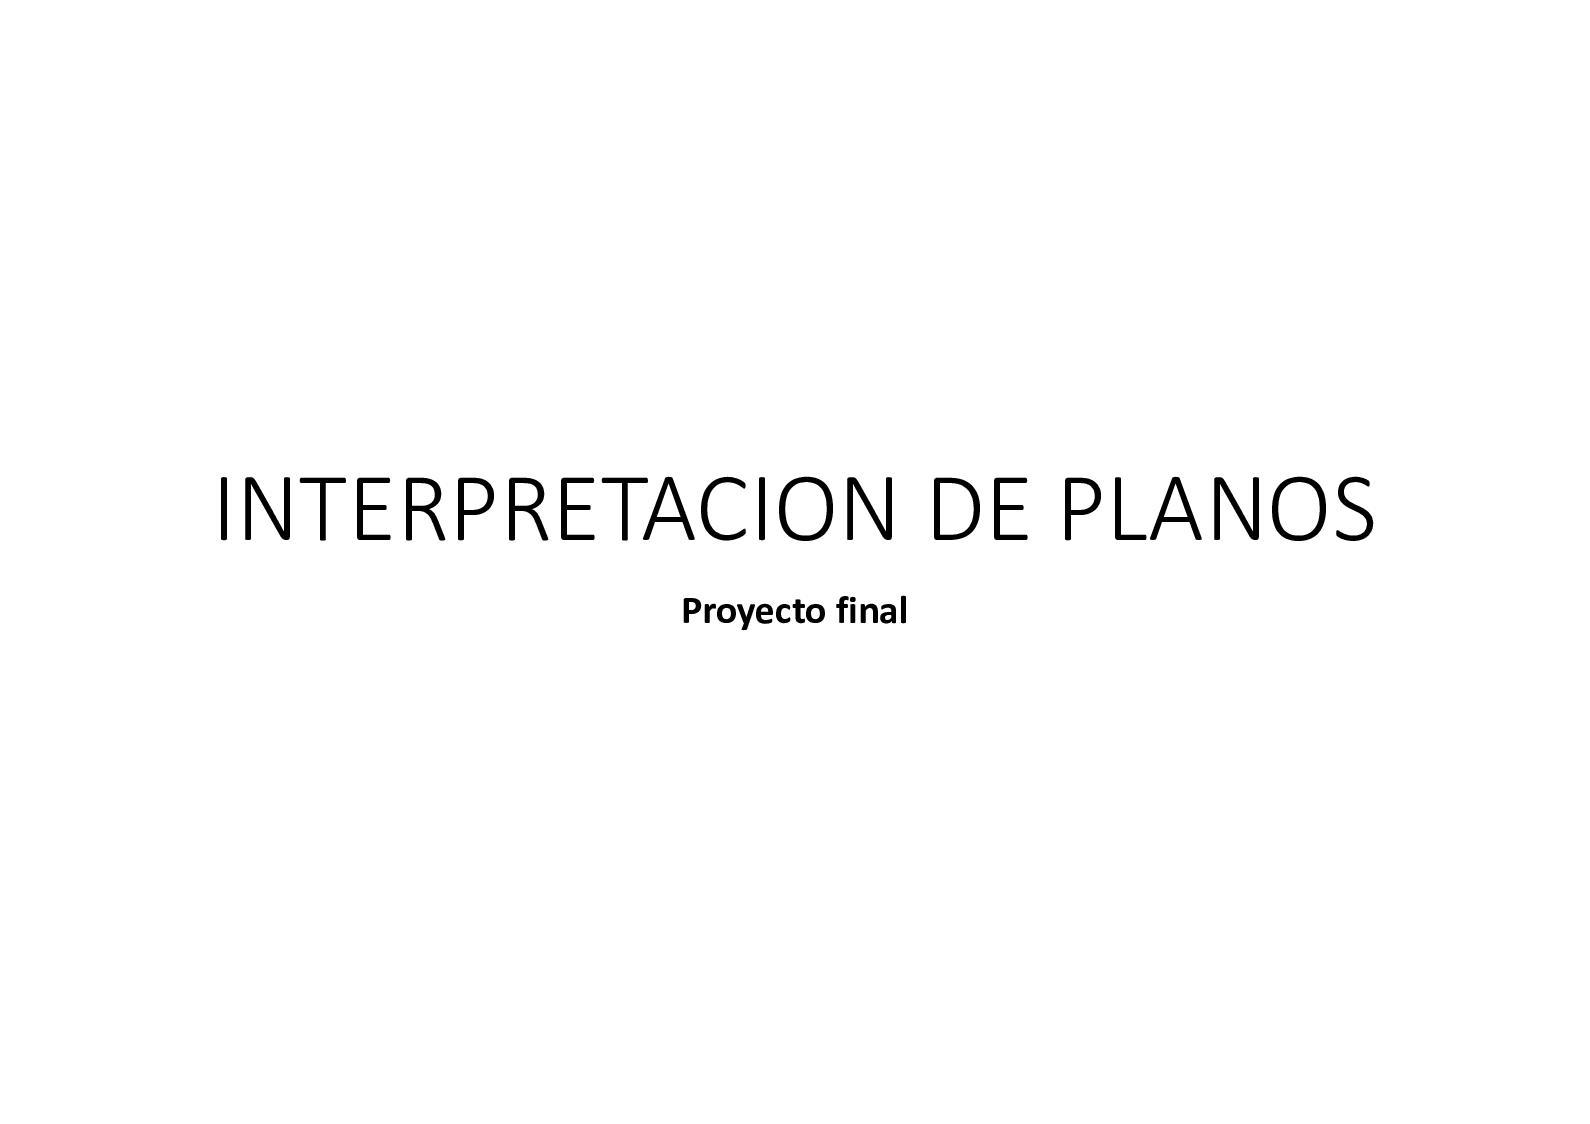 Interpretacion Planos Proyecto Final